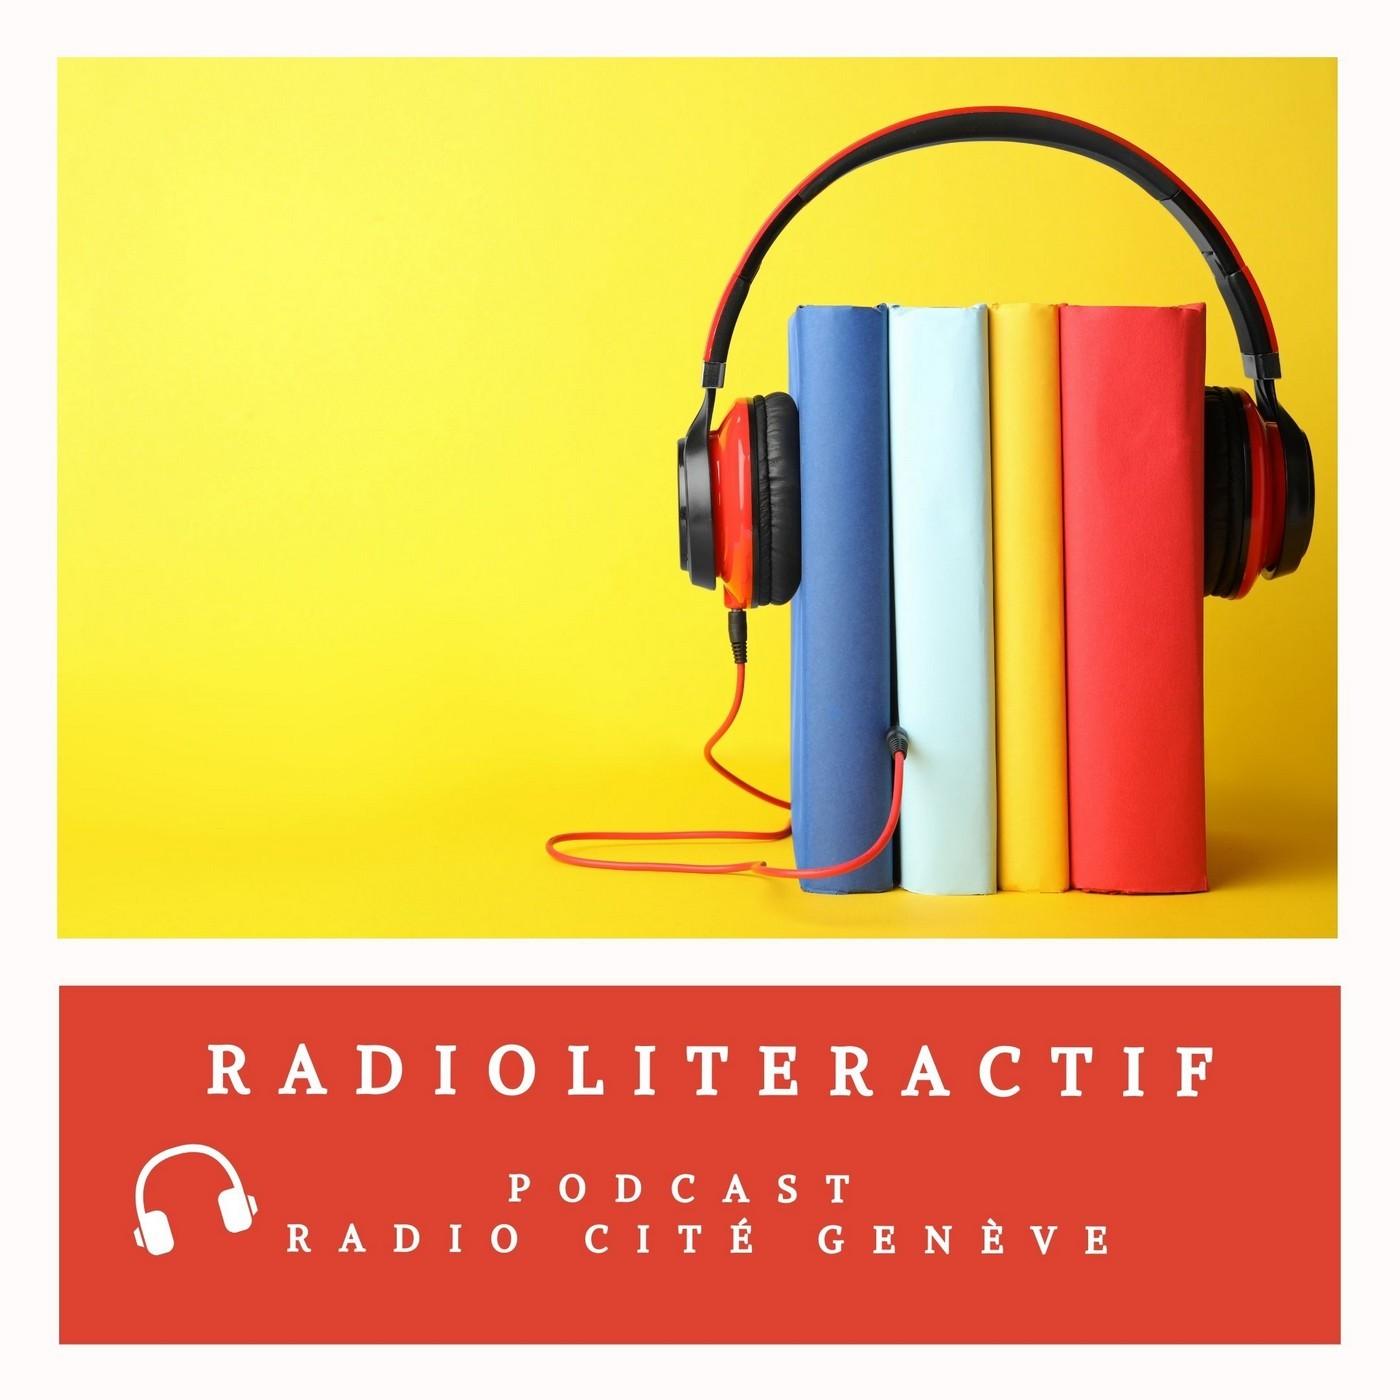 Radioliteractif du 22/02/2021 - Nicolas Feuz